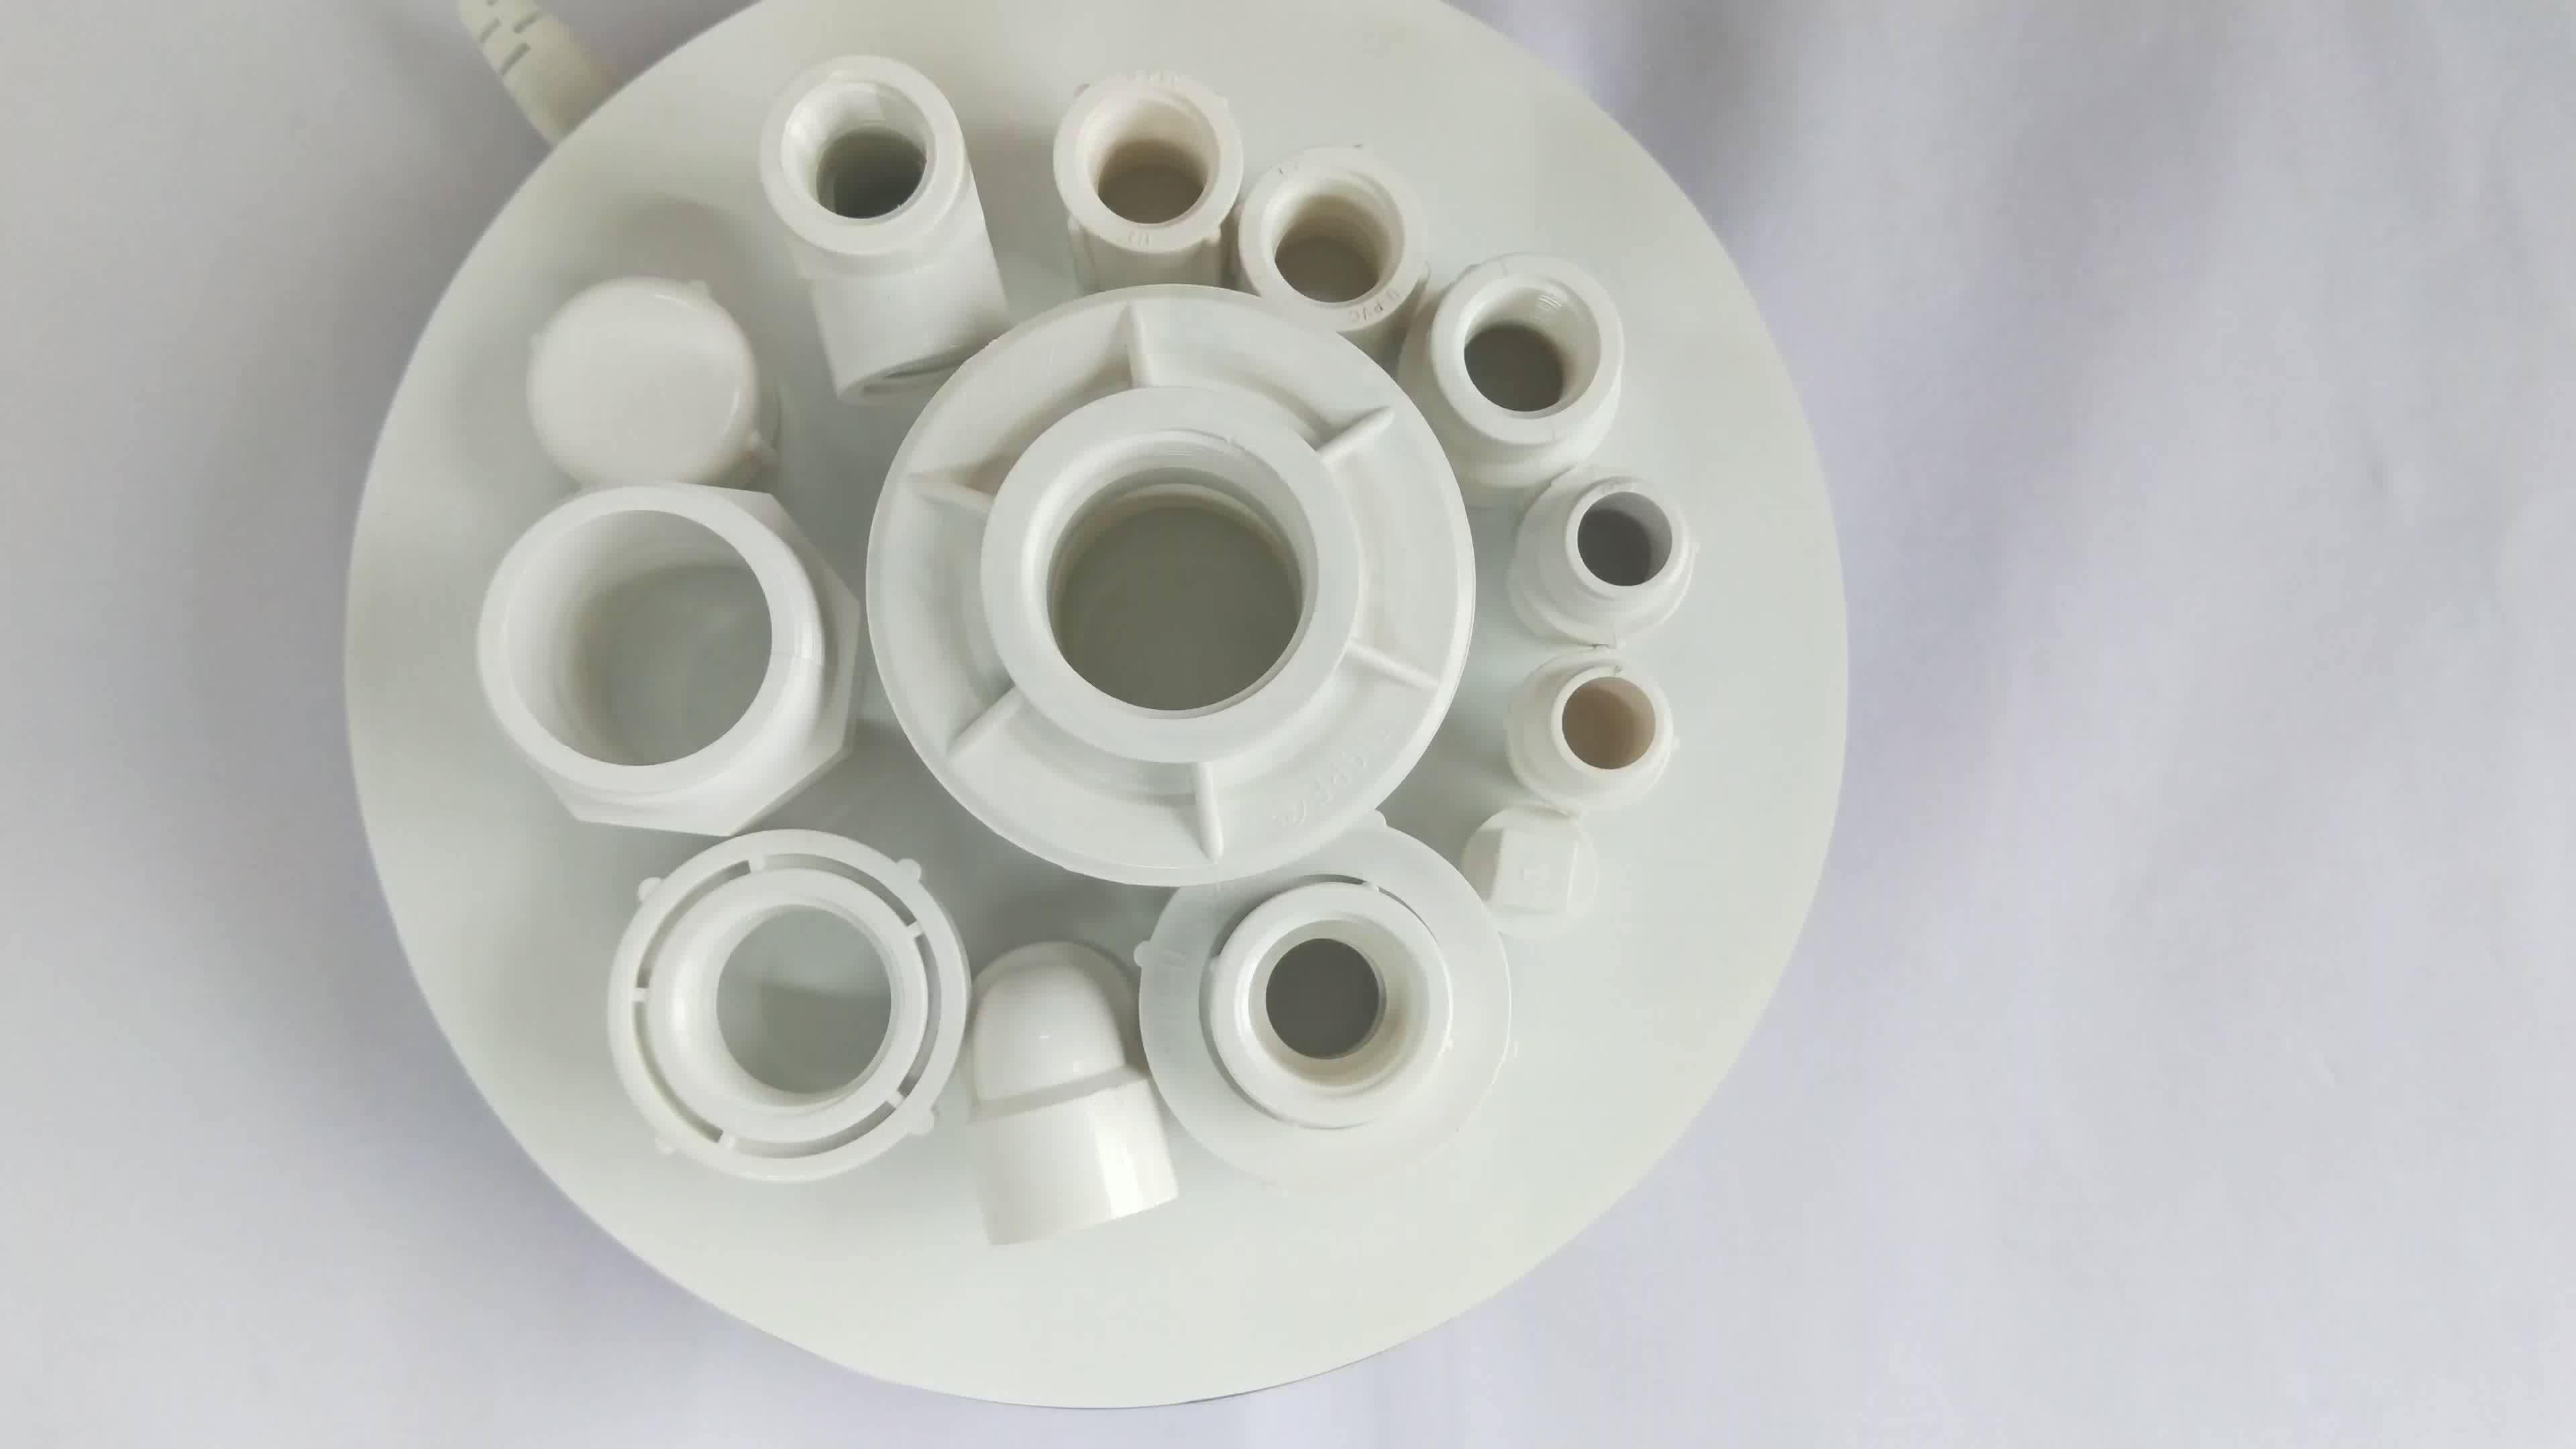 Alle size BS 4346 standaard plastic pvc druk fitting buisleidingen voor upvc 90 graden vrouwelijke schroefdraad elleboog sanitair materiaal